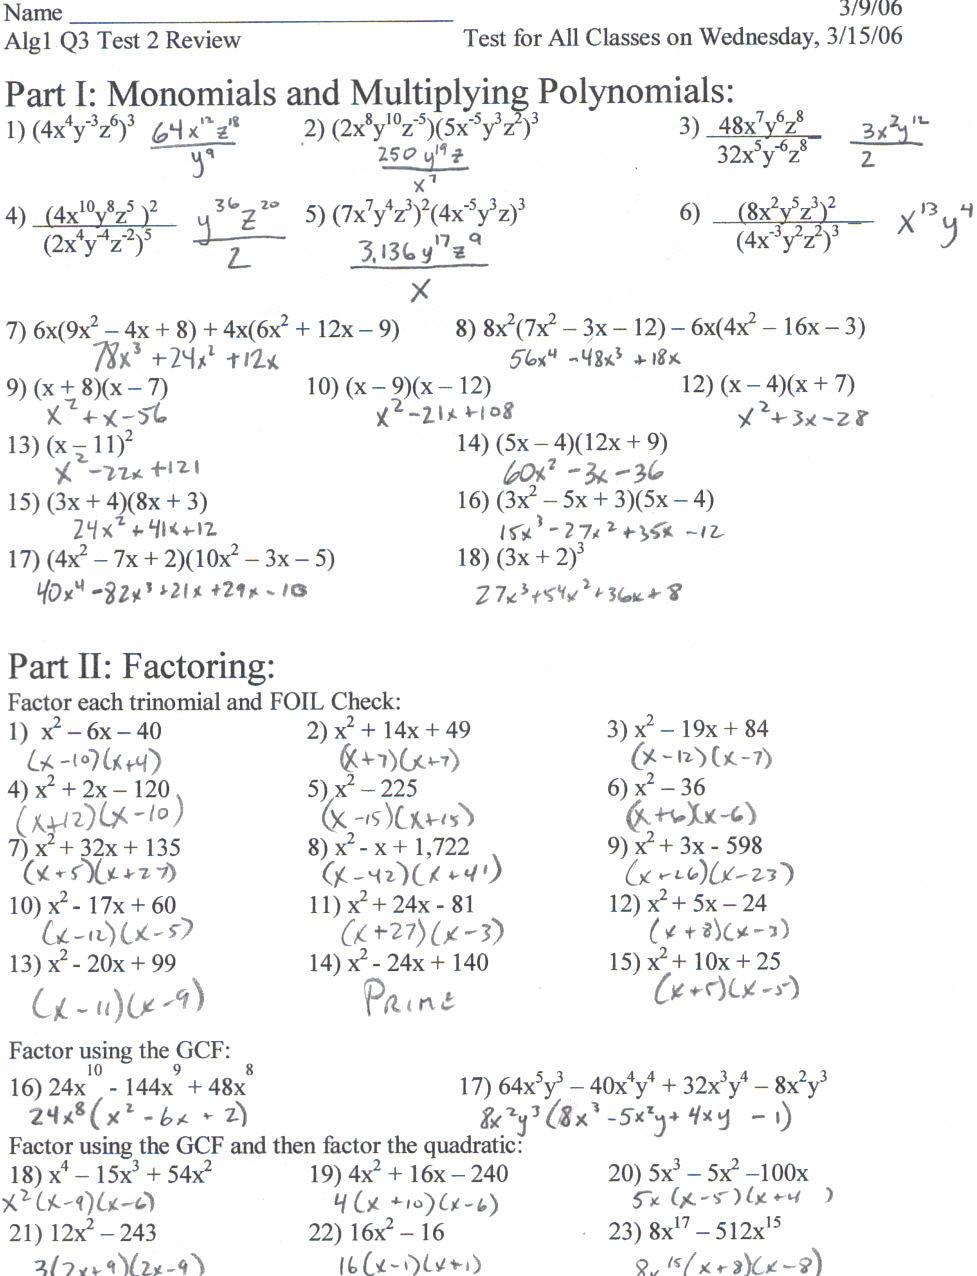 Quadratic Equation Worksheet with Answers Quadratic formula Worksheet Pdf